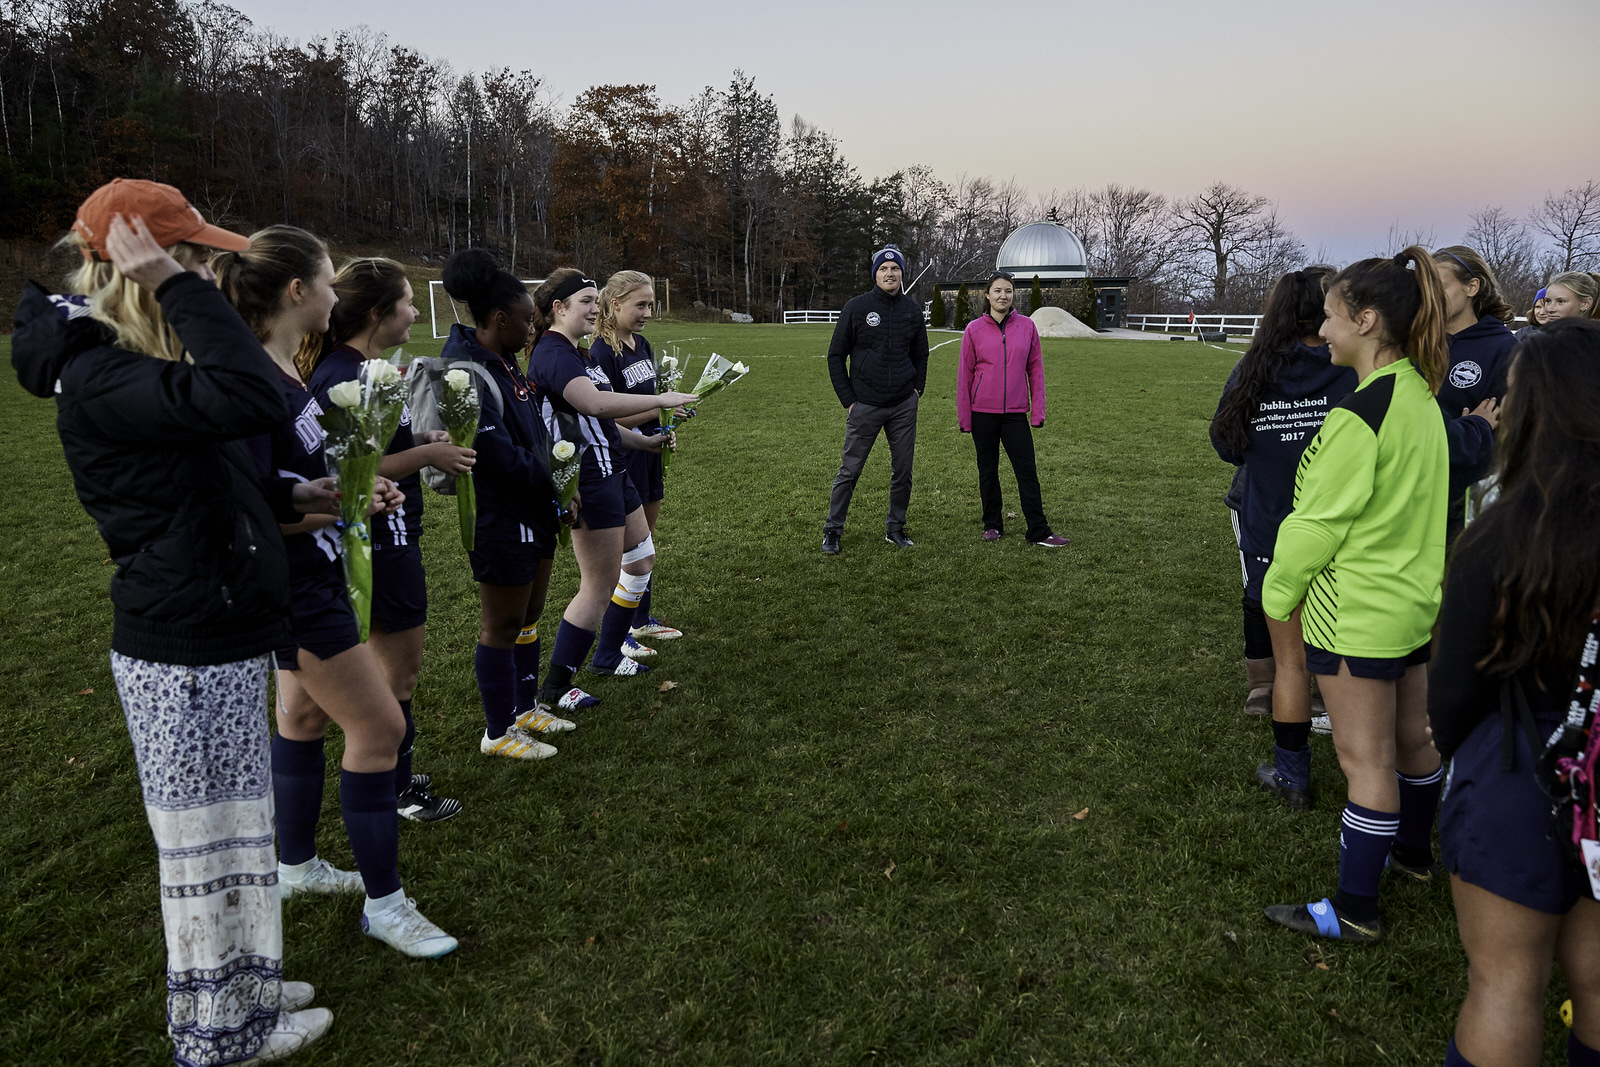 Girls Varsity Soccer vs. White Mountain School - November 7, 2018 - Nov 07 2018 - 0073.jpg